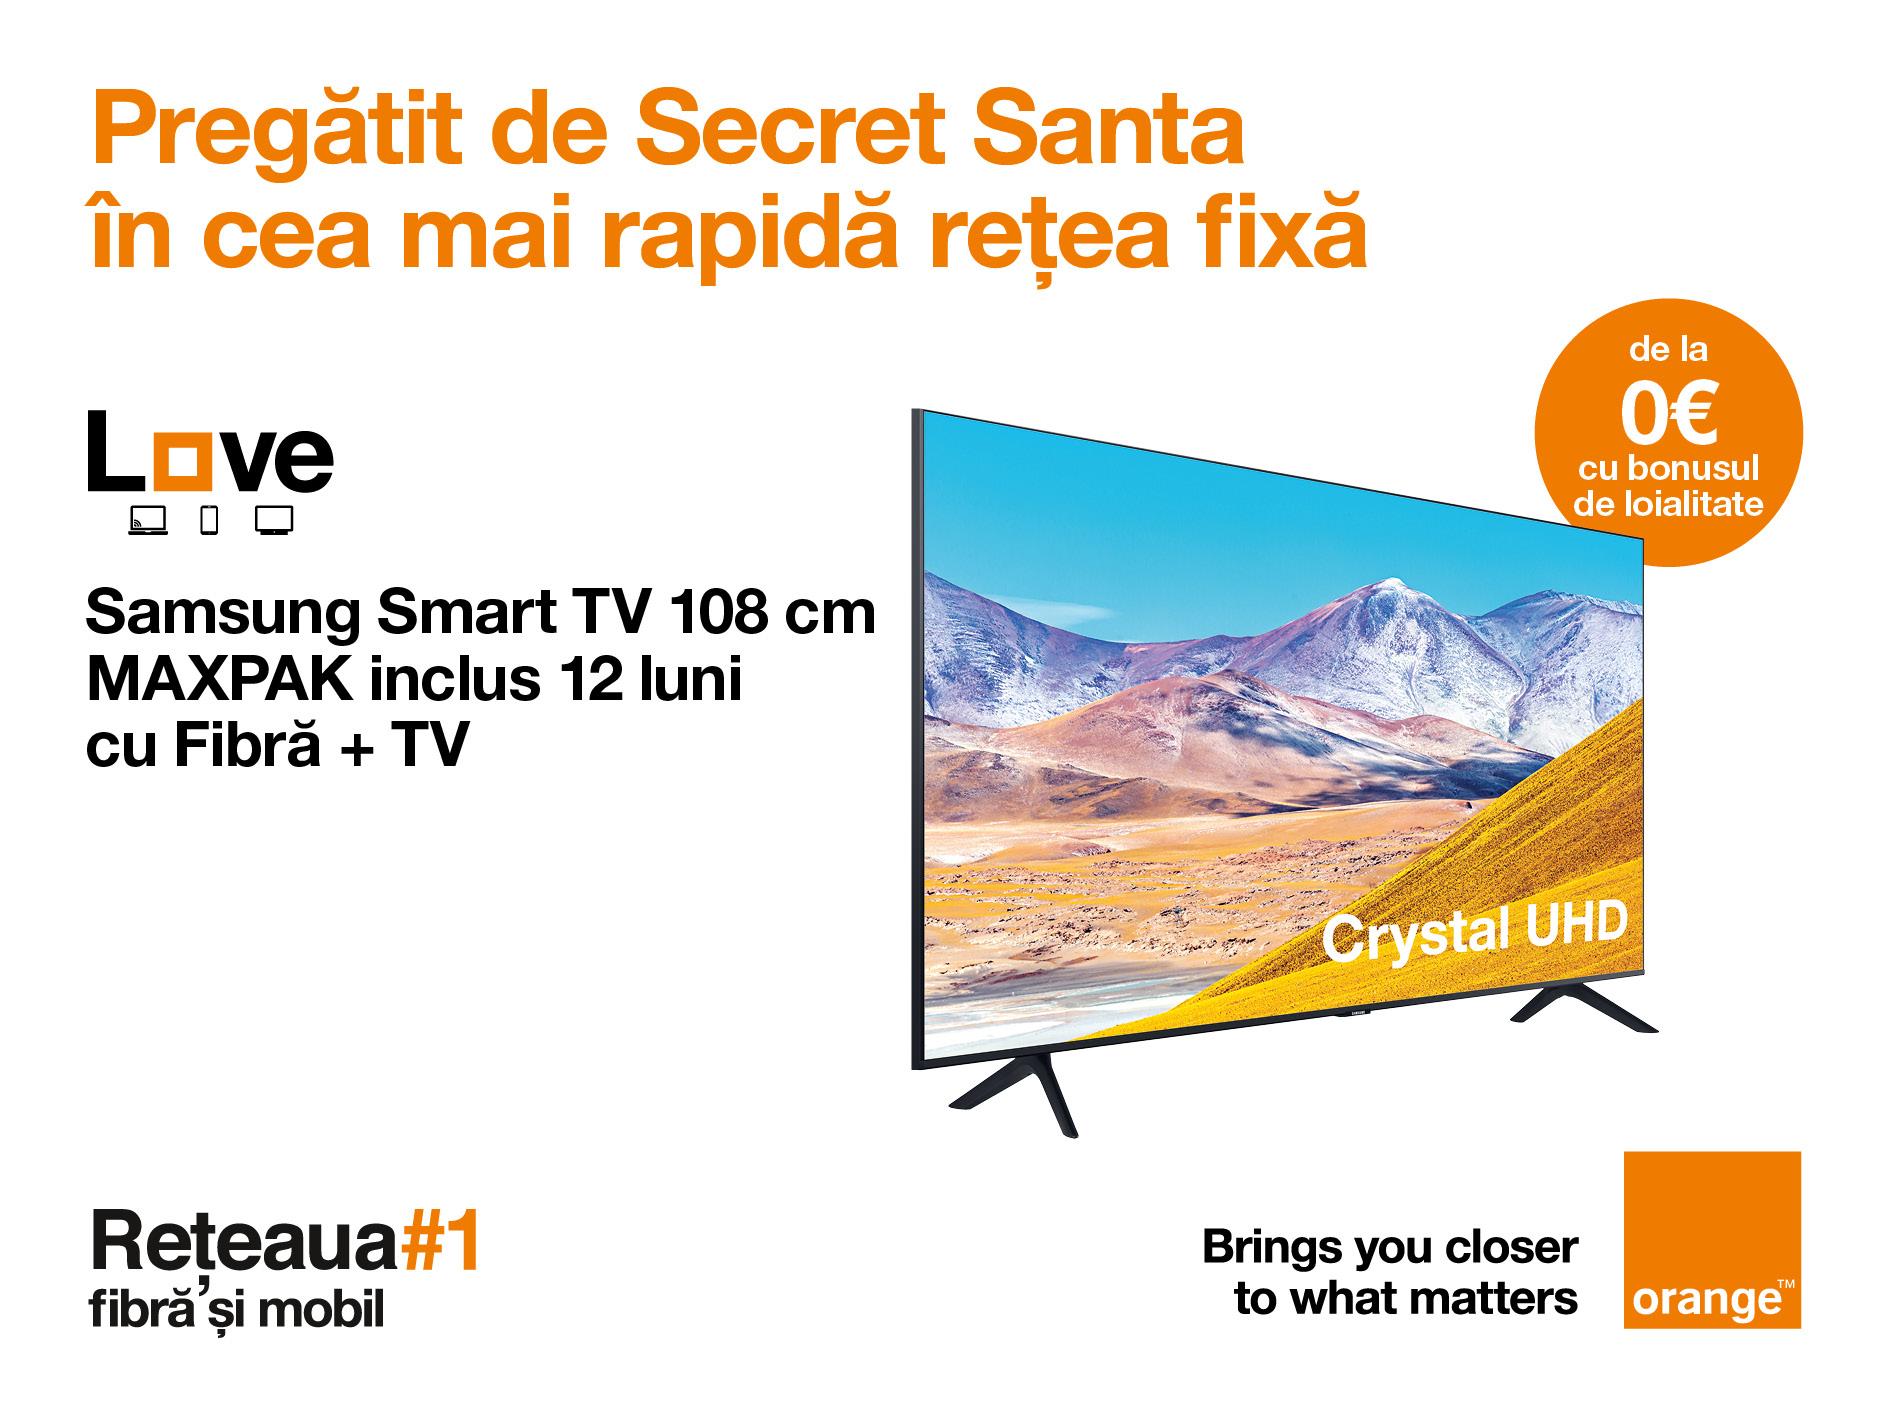 Cu pachetele fix-mobil, clienții Orange se bucură de Smart TV de la 0 € și 12 luni de cea mai bună colecție de filme